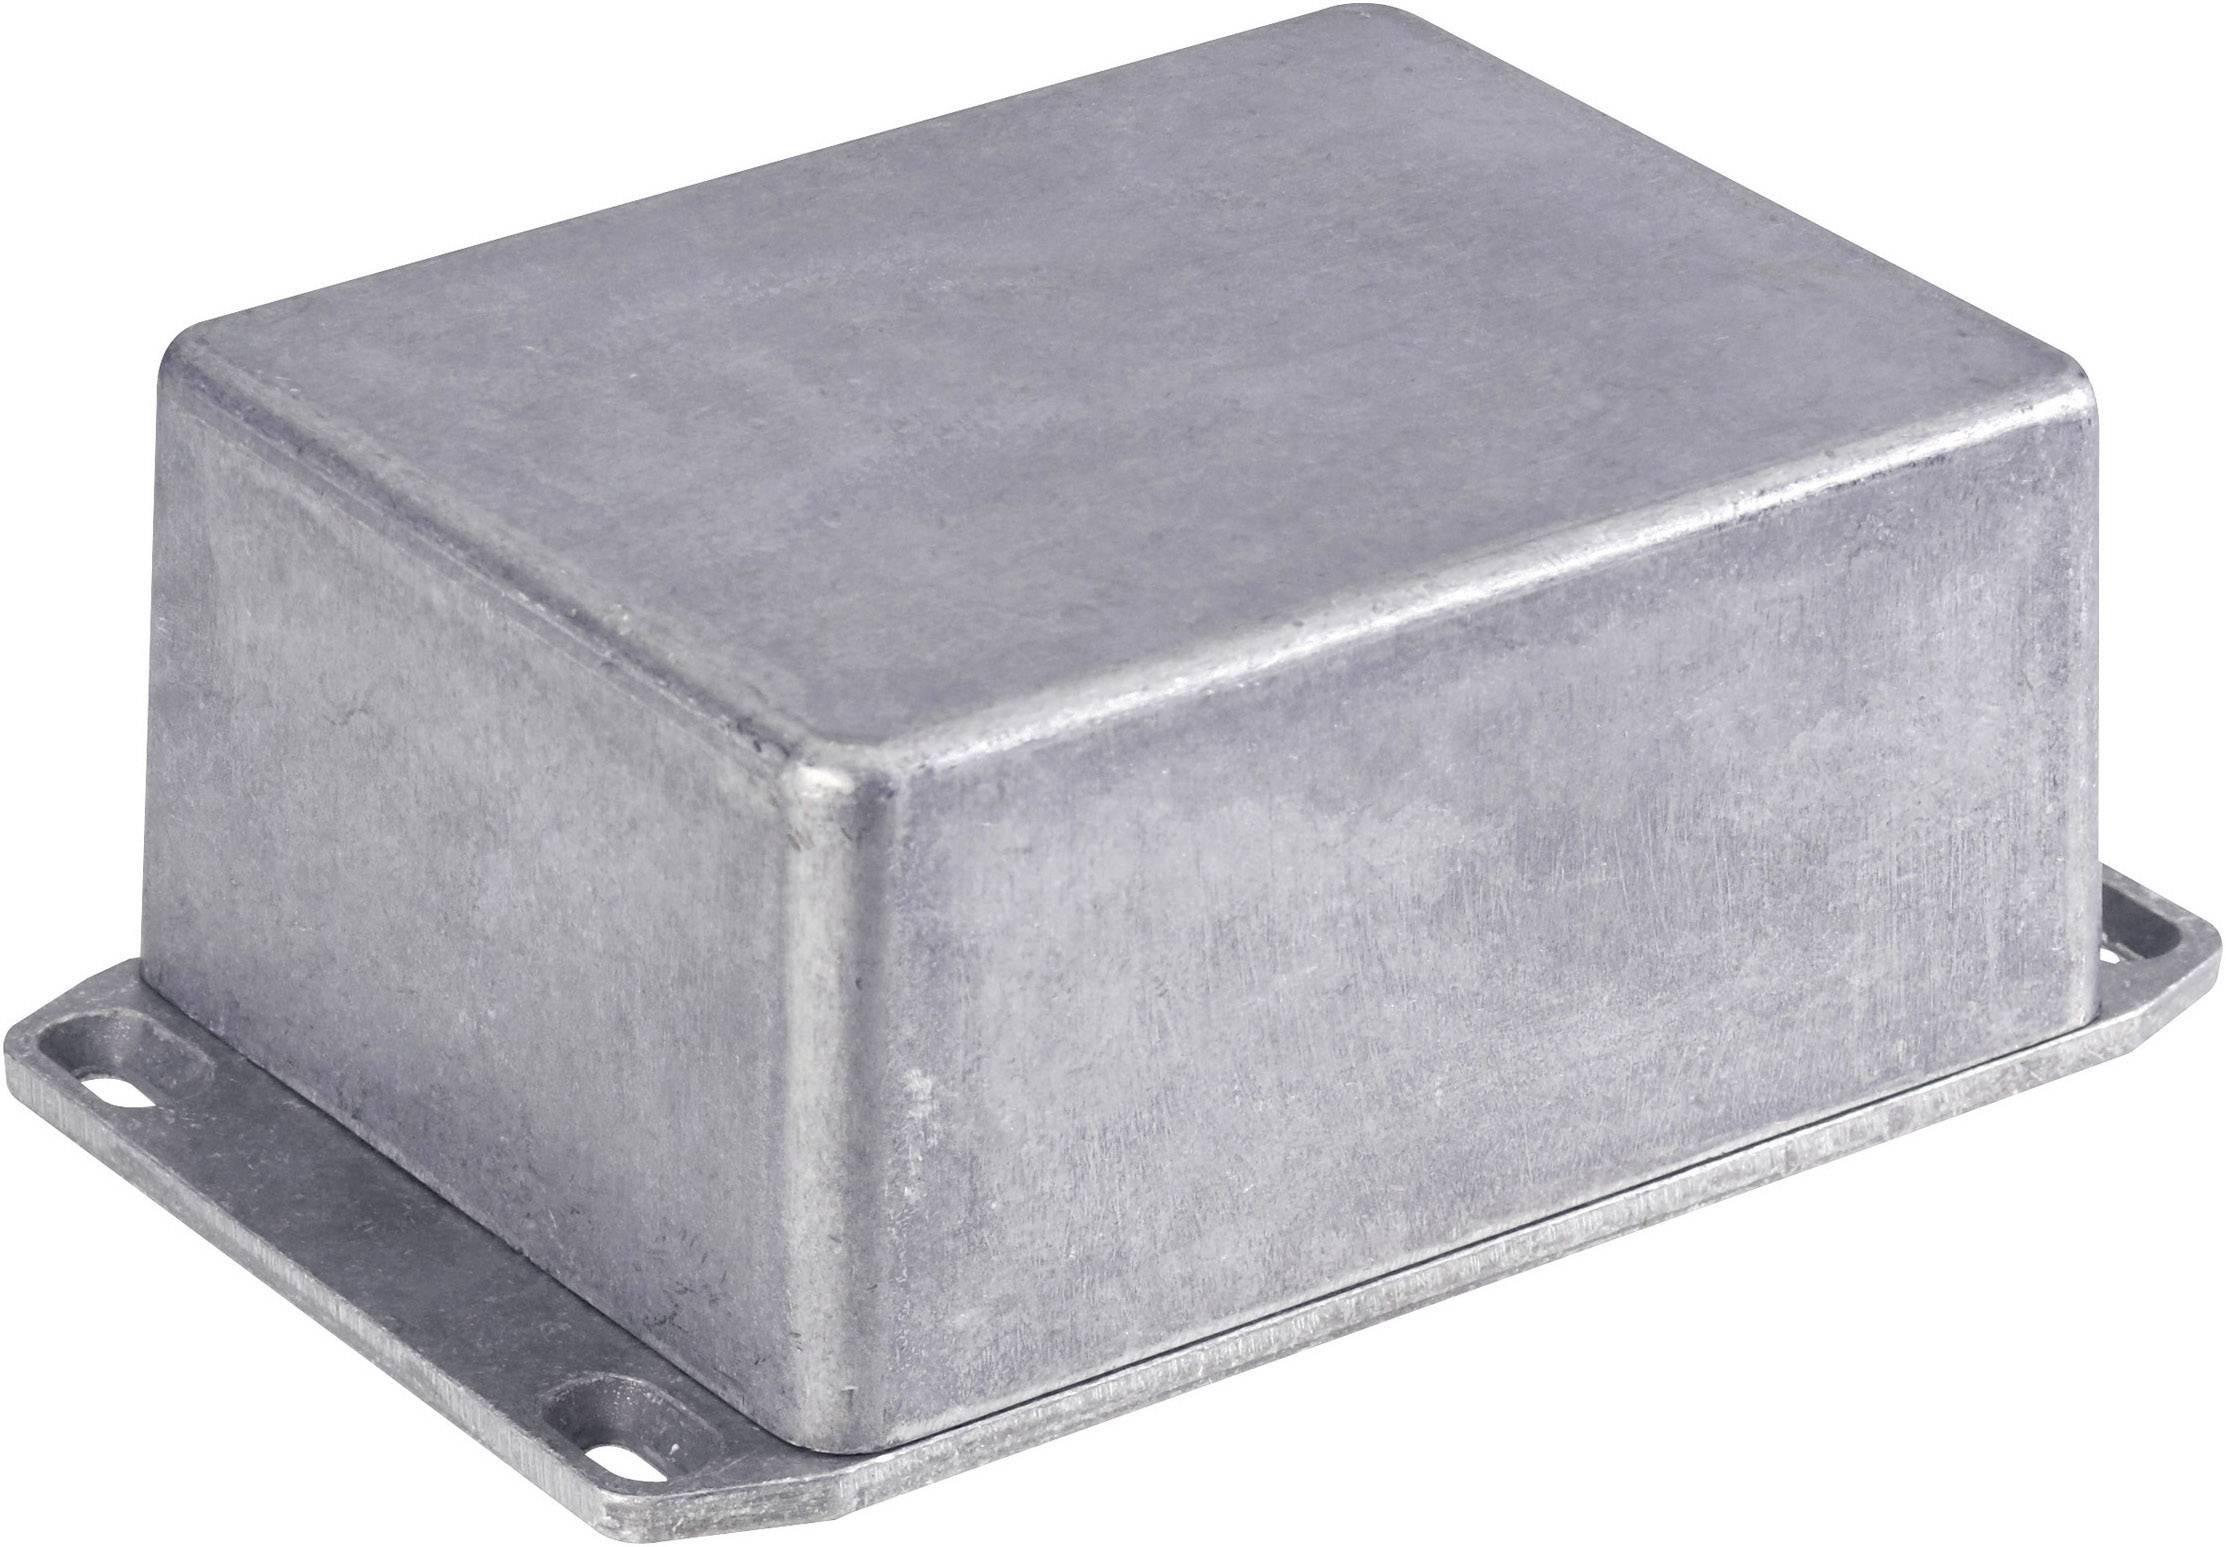 Tlakem lité hliníkové pouzdro Hammond Electronics 1590BBFLBK, (d x š x v) 119 x 94 x 34 mm, černá